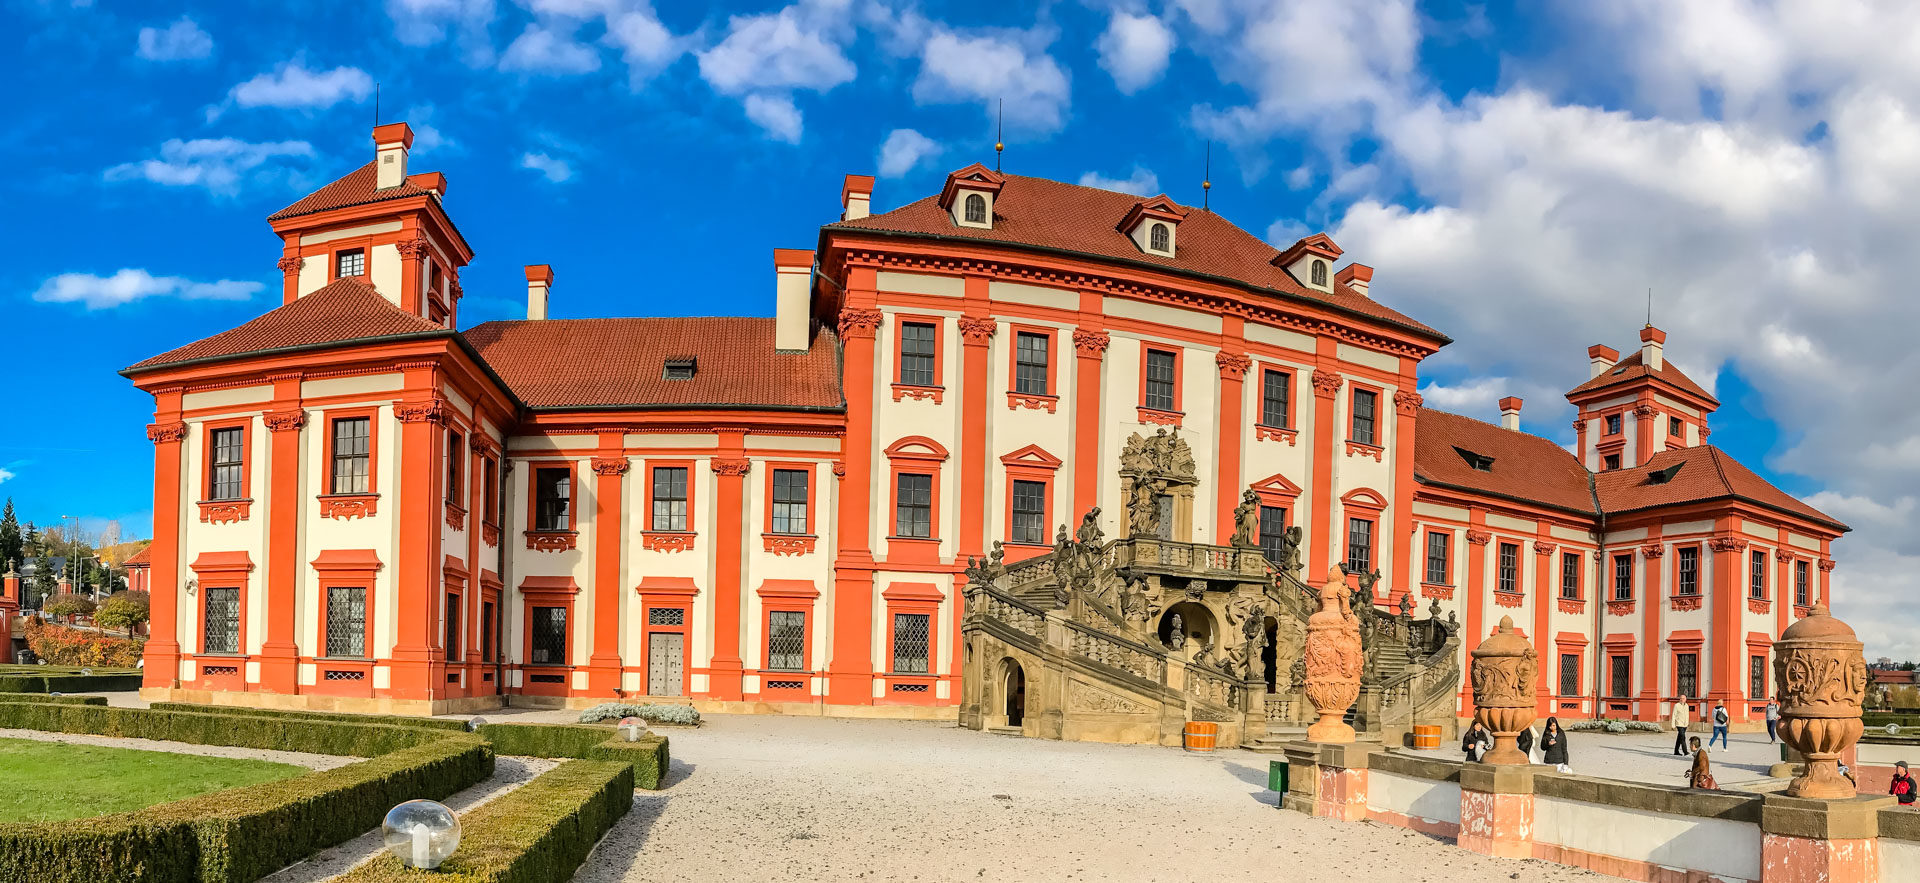 Тройский замок (Trojsky zamek)